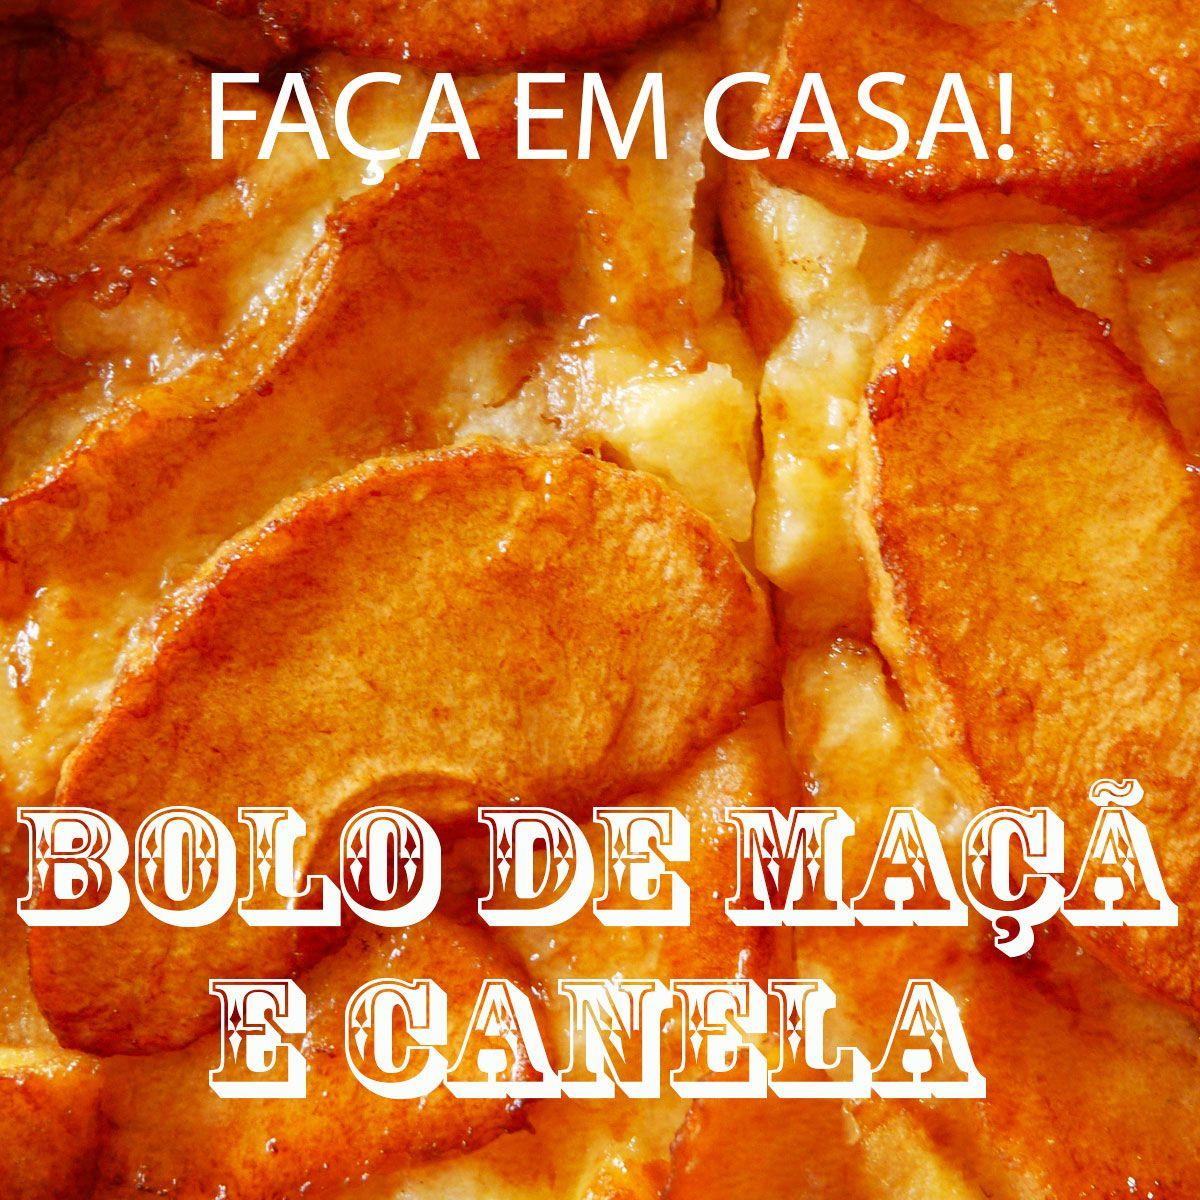 Um duo classico..maçã e canela! Receita super delicia de Bolo de Maçã com Canela!